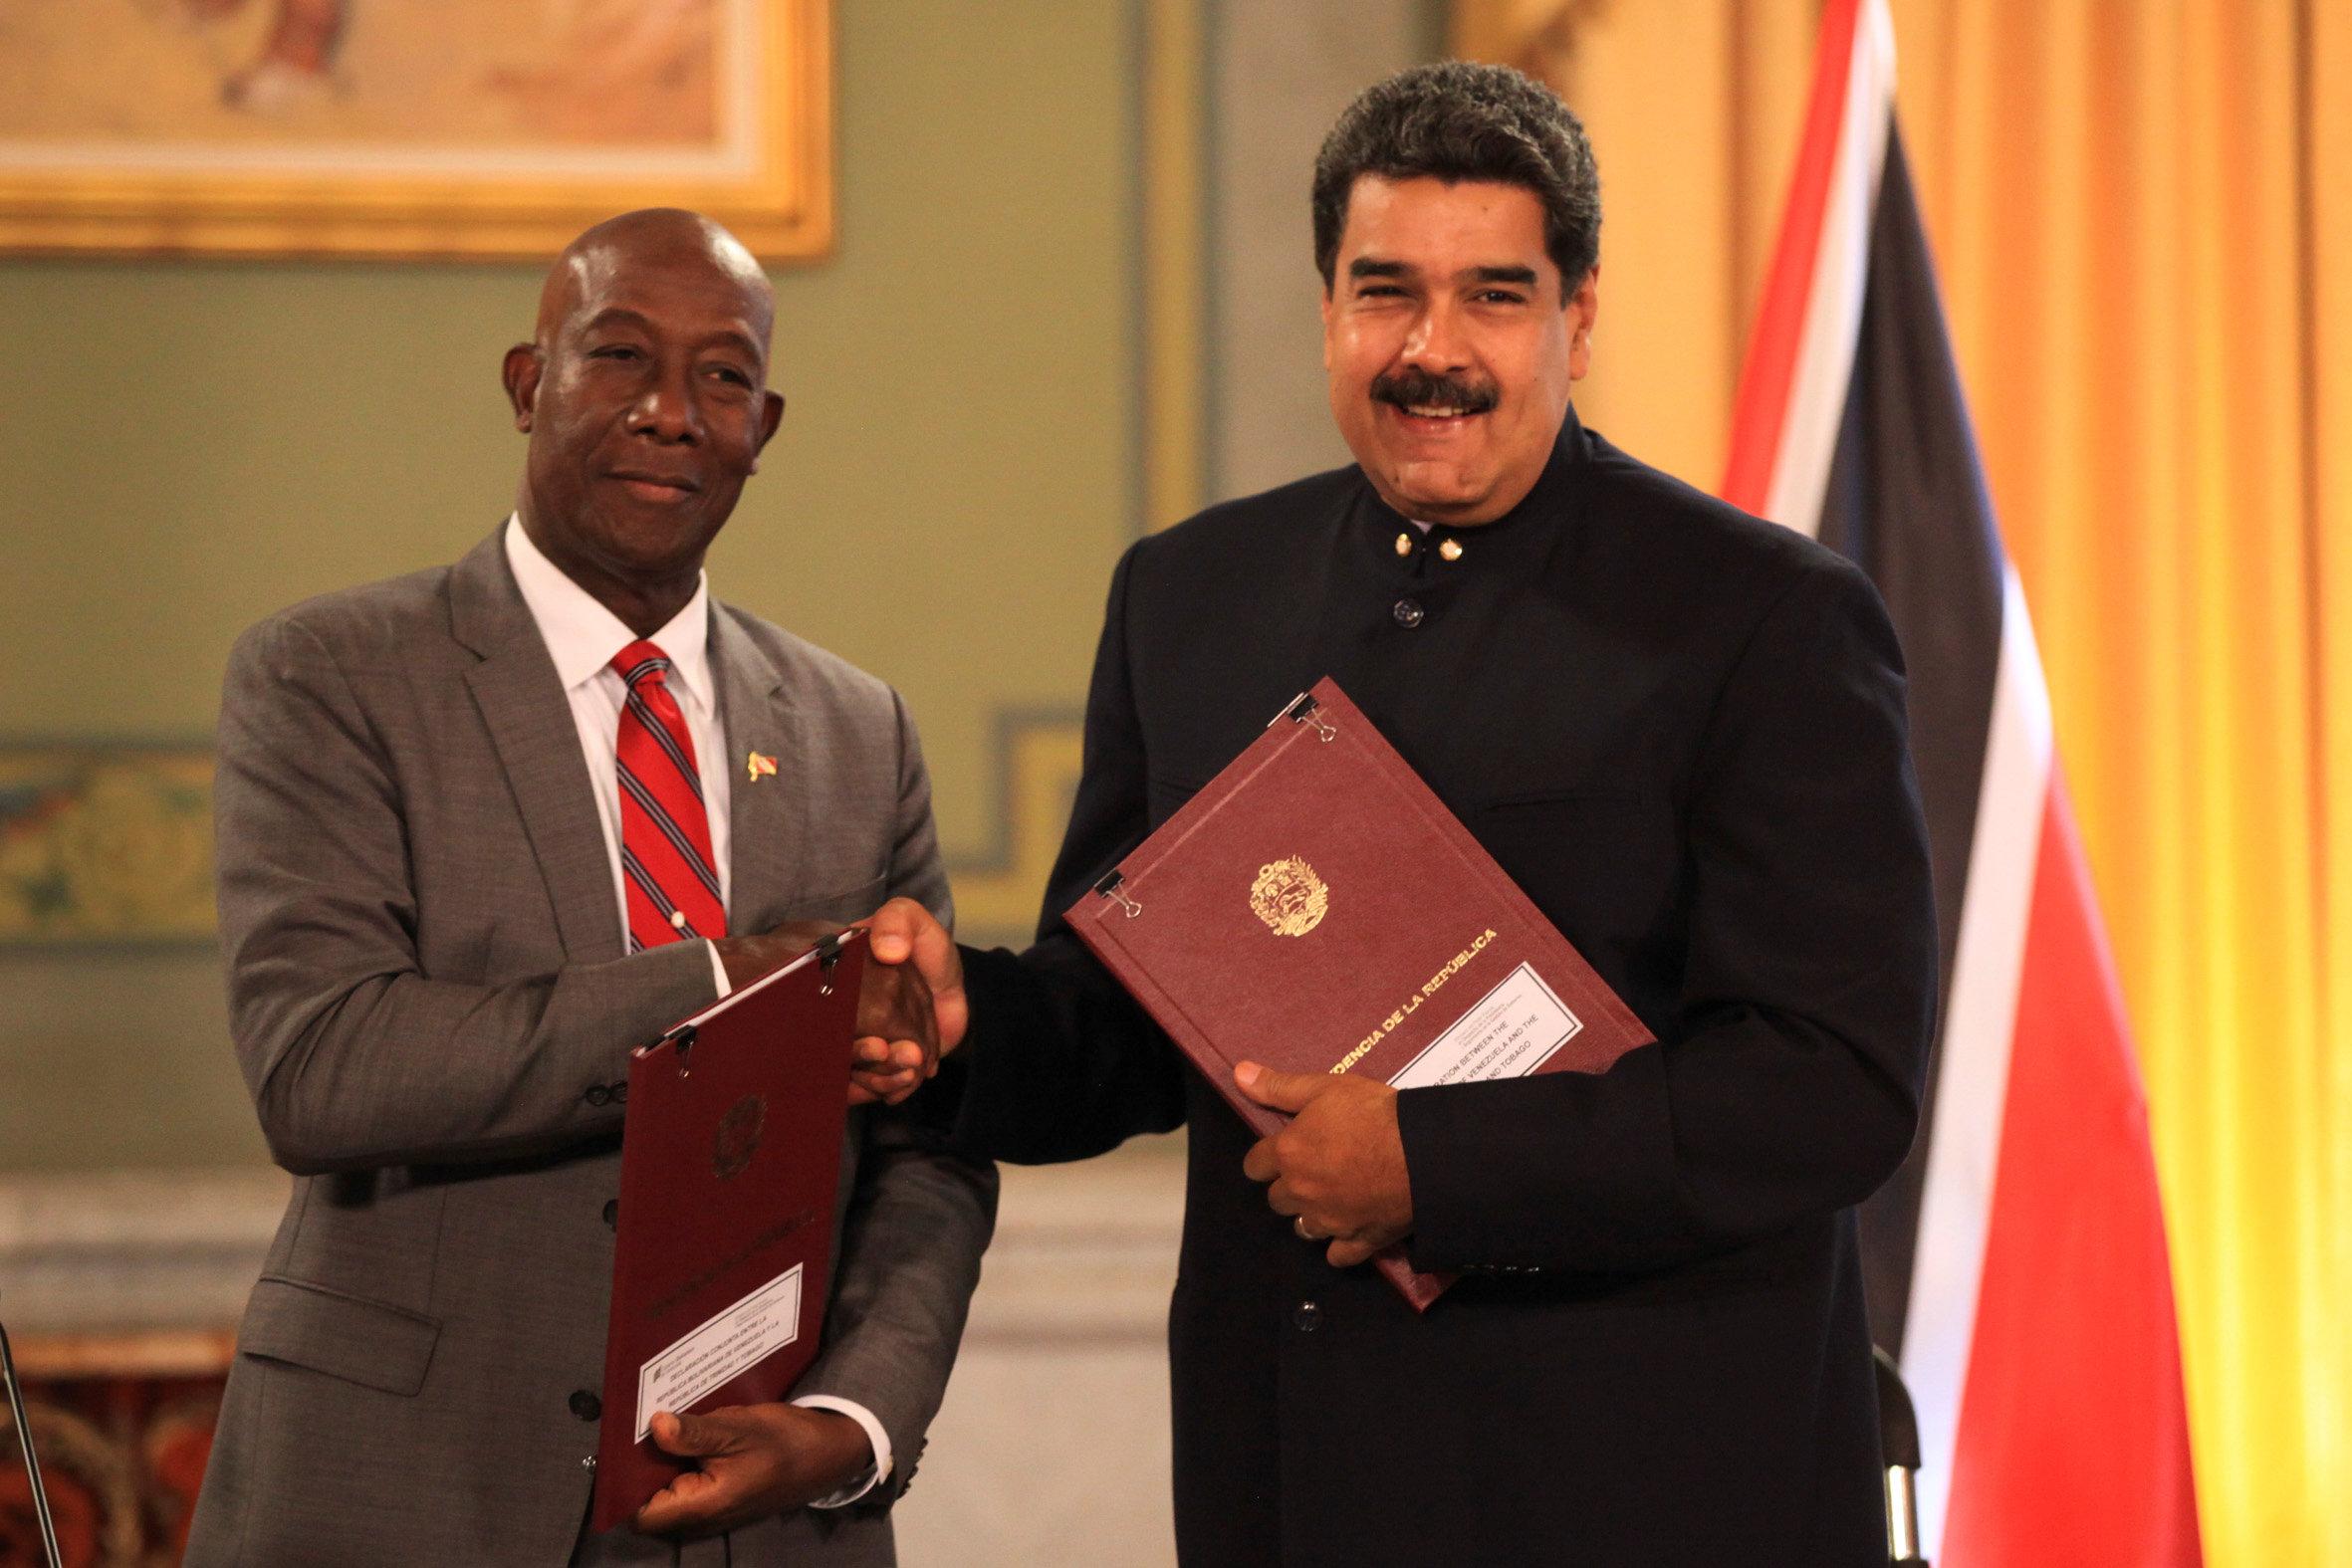 Se voltean los socios de Maduro: Trinidad y Tobago respalda a Guyana en controversia fronteriza con Venezuela